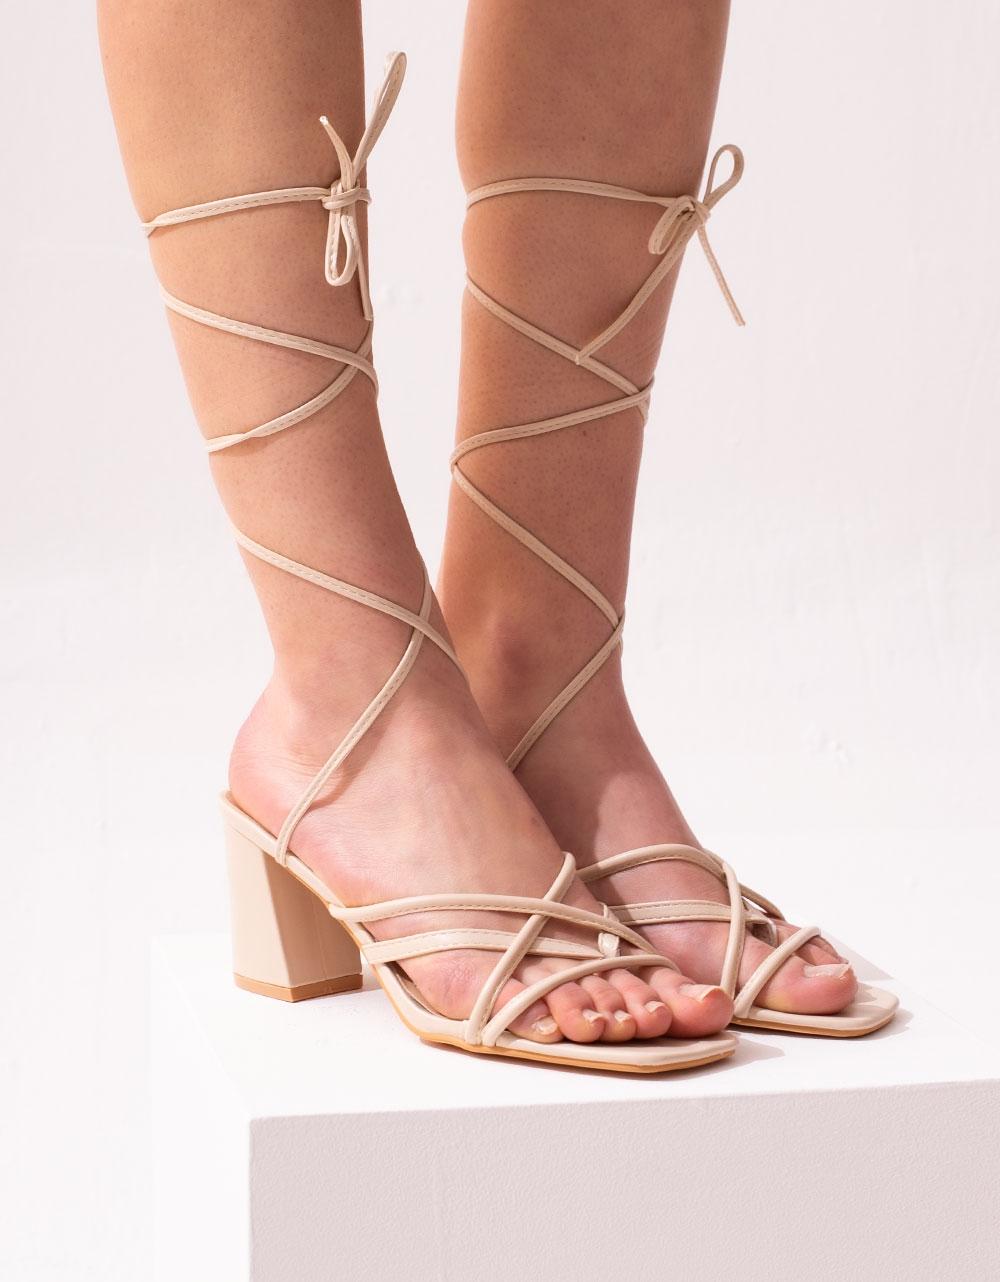 Εικόνα από Γυναικεία πέδιλα lace up με χιαστί λουράκια Μπεζ